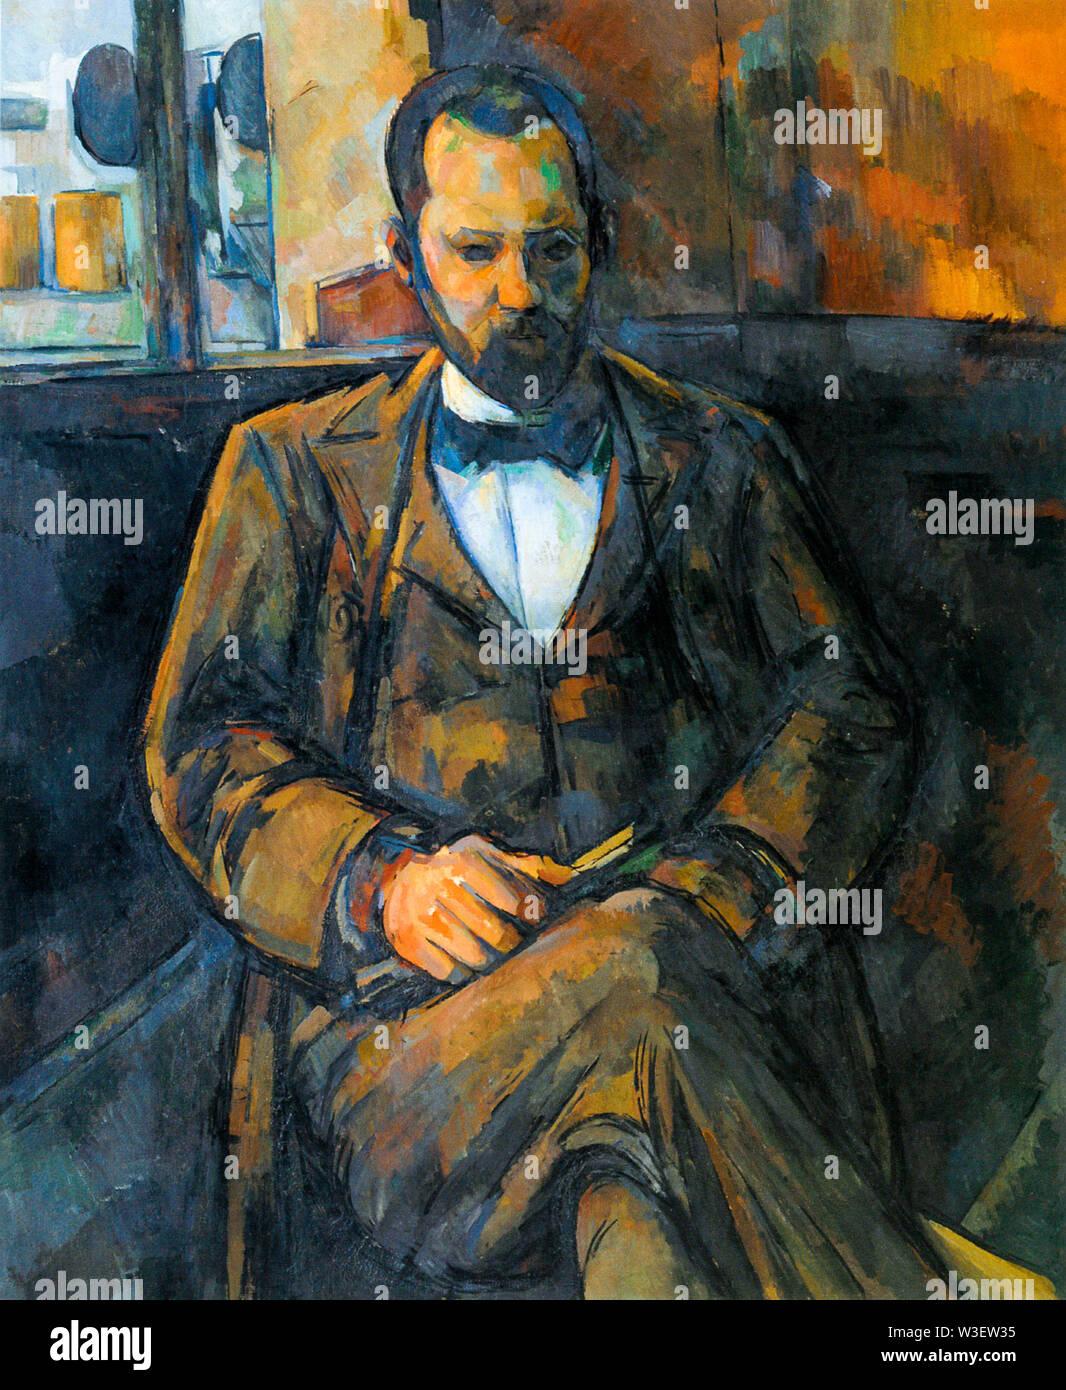 Paul Cézanne, Portrait of Ambroise Vollard, portrait painting, 1899 - Stock Image